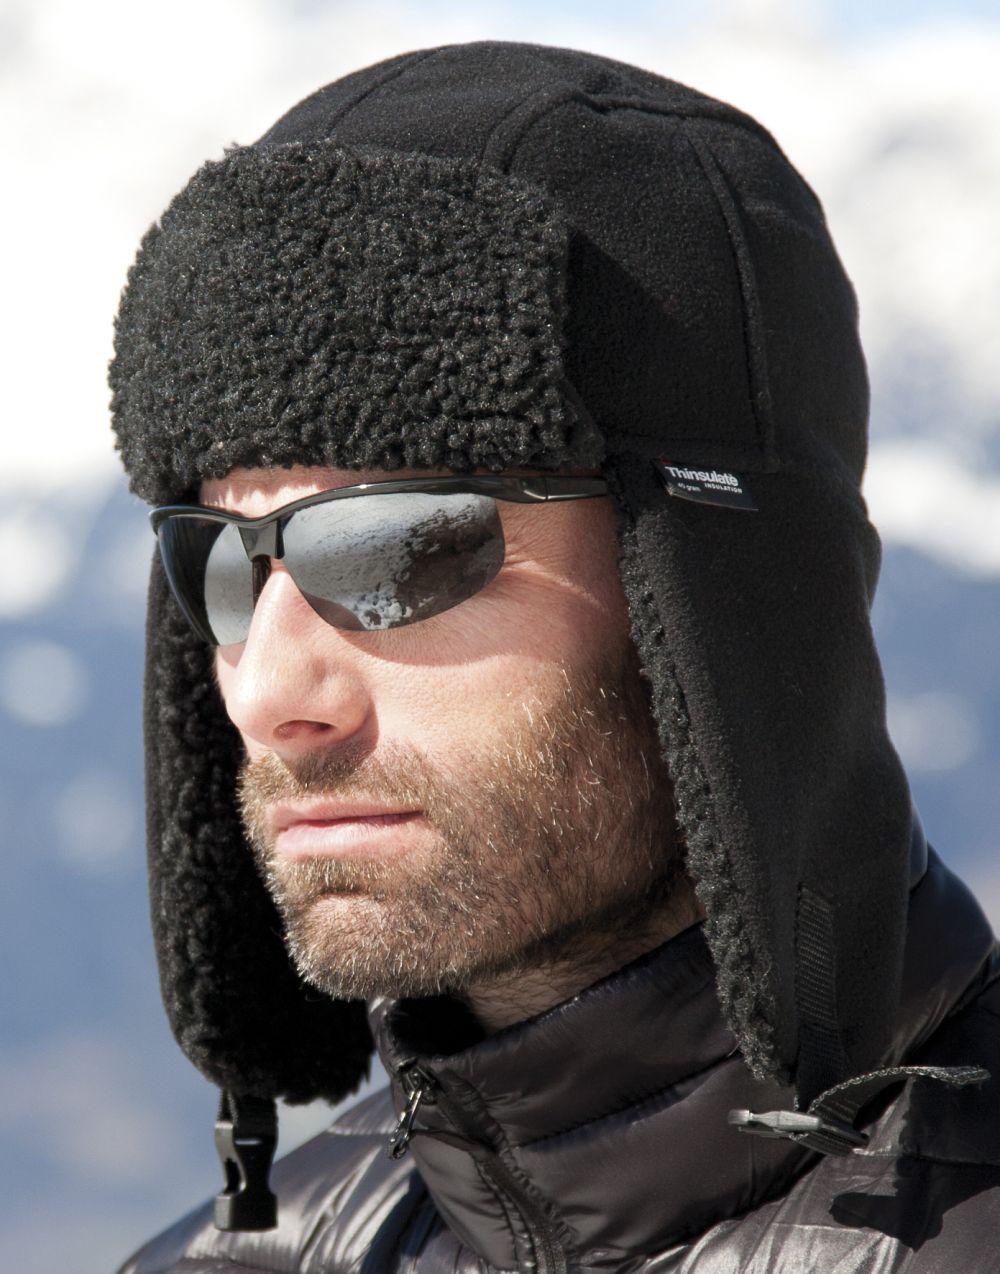 Gorros invierno result sherpa thinsulate con logo vista 2